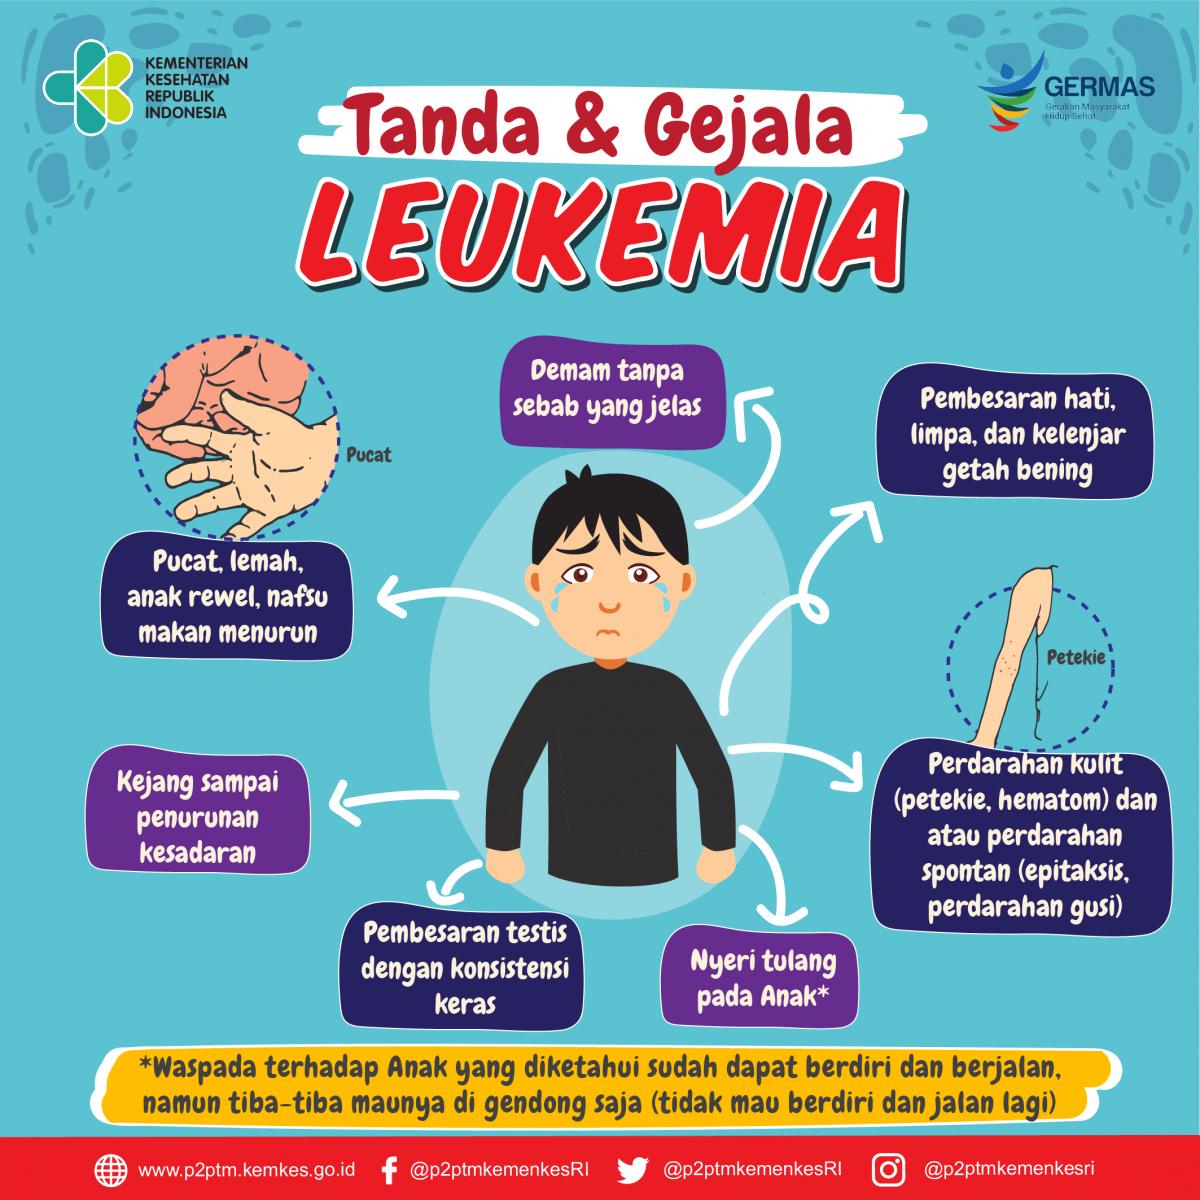 Tanda dan Gejala Leukemia (Kanker Darah) - Direktorat P2PTM